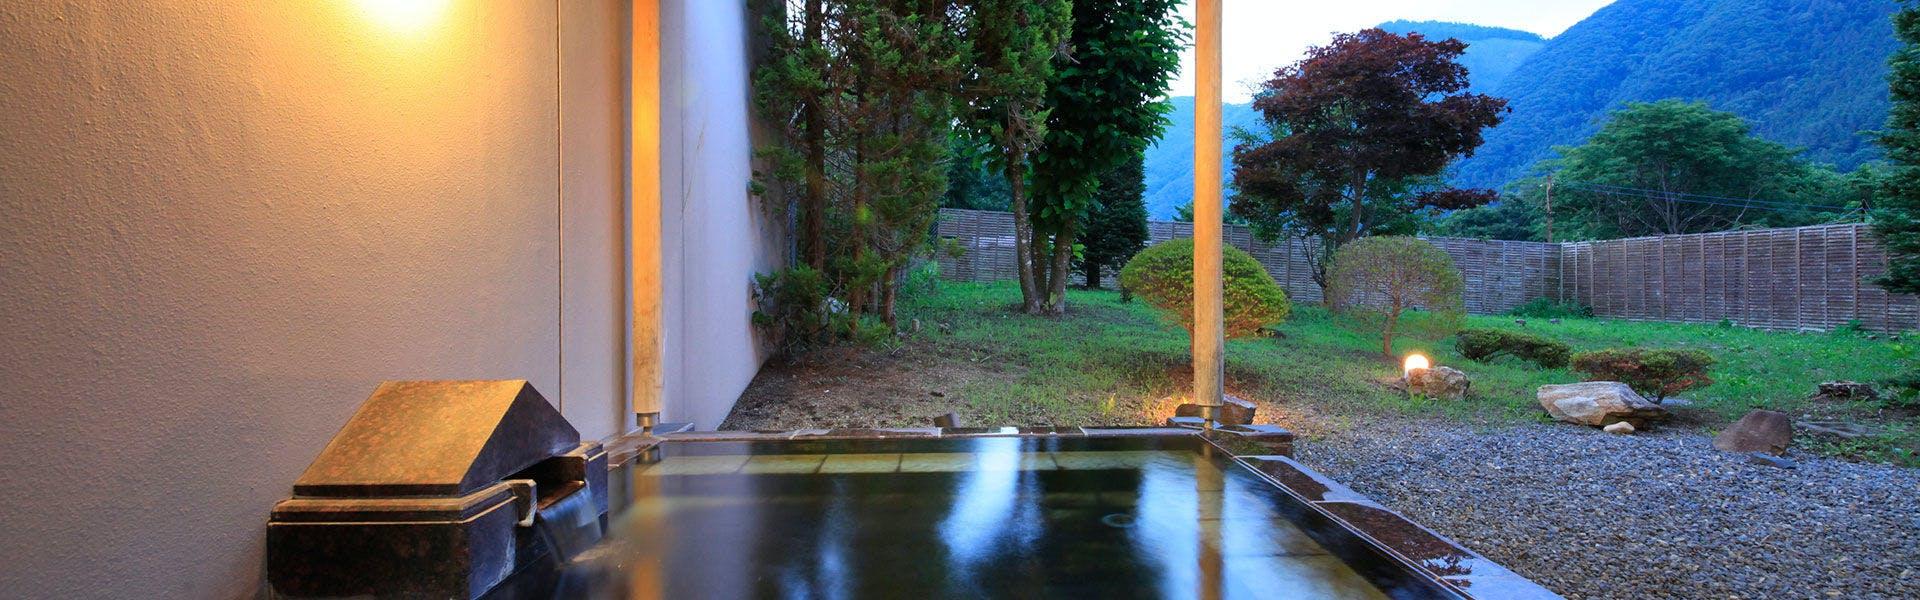 記念日におすすめのホテル・【源泉湯の宿 紫翠亭】の写真2